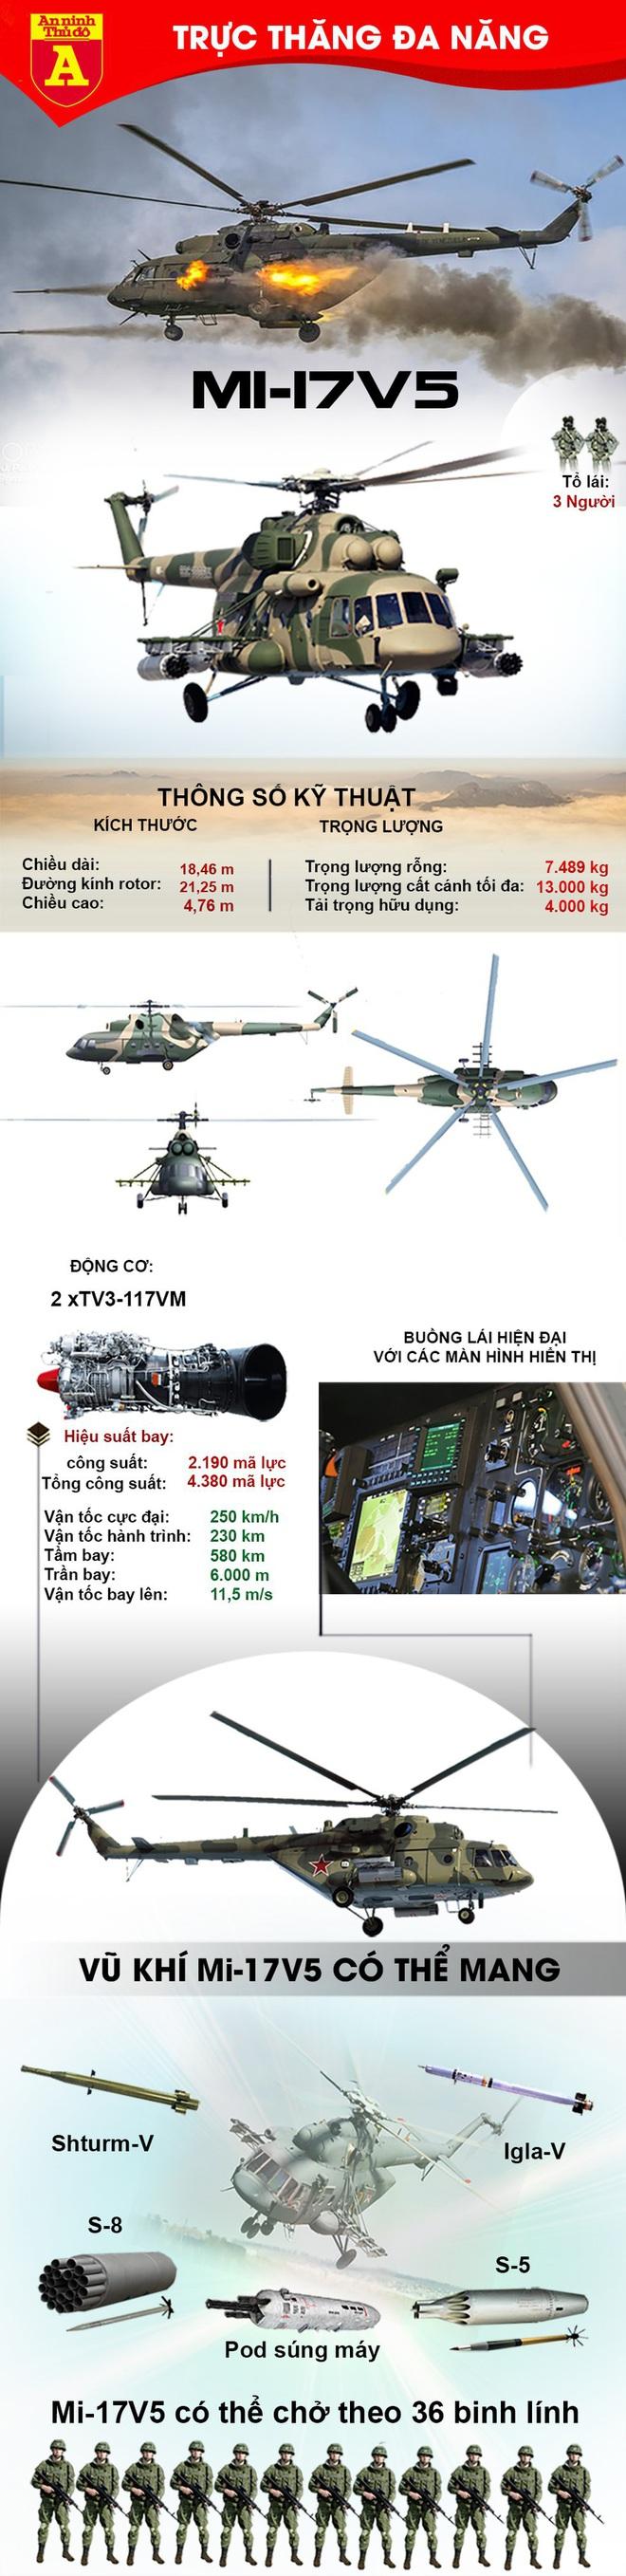 Tại sao Mỹ phải bấm bụng mua Mi-17 Nga để trang bị cho Afghanistan? - Ảnh 2.